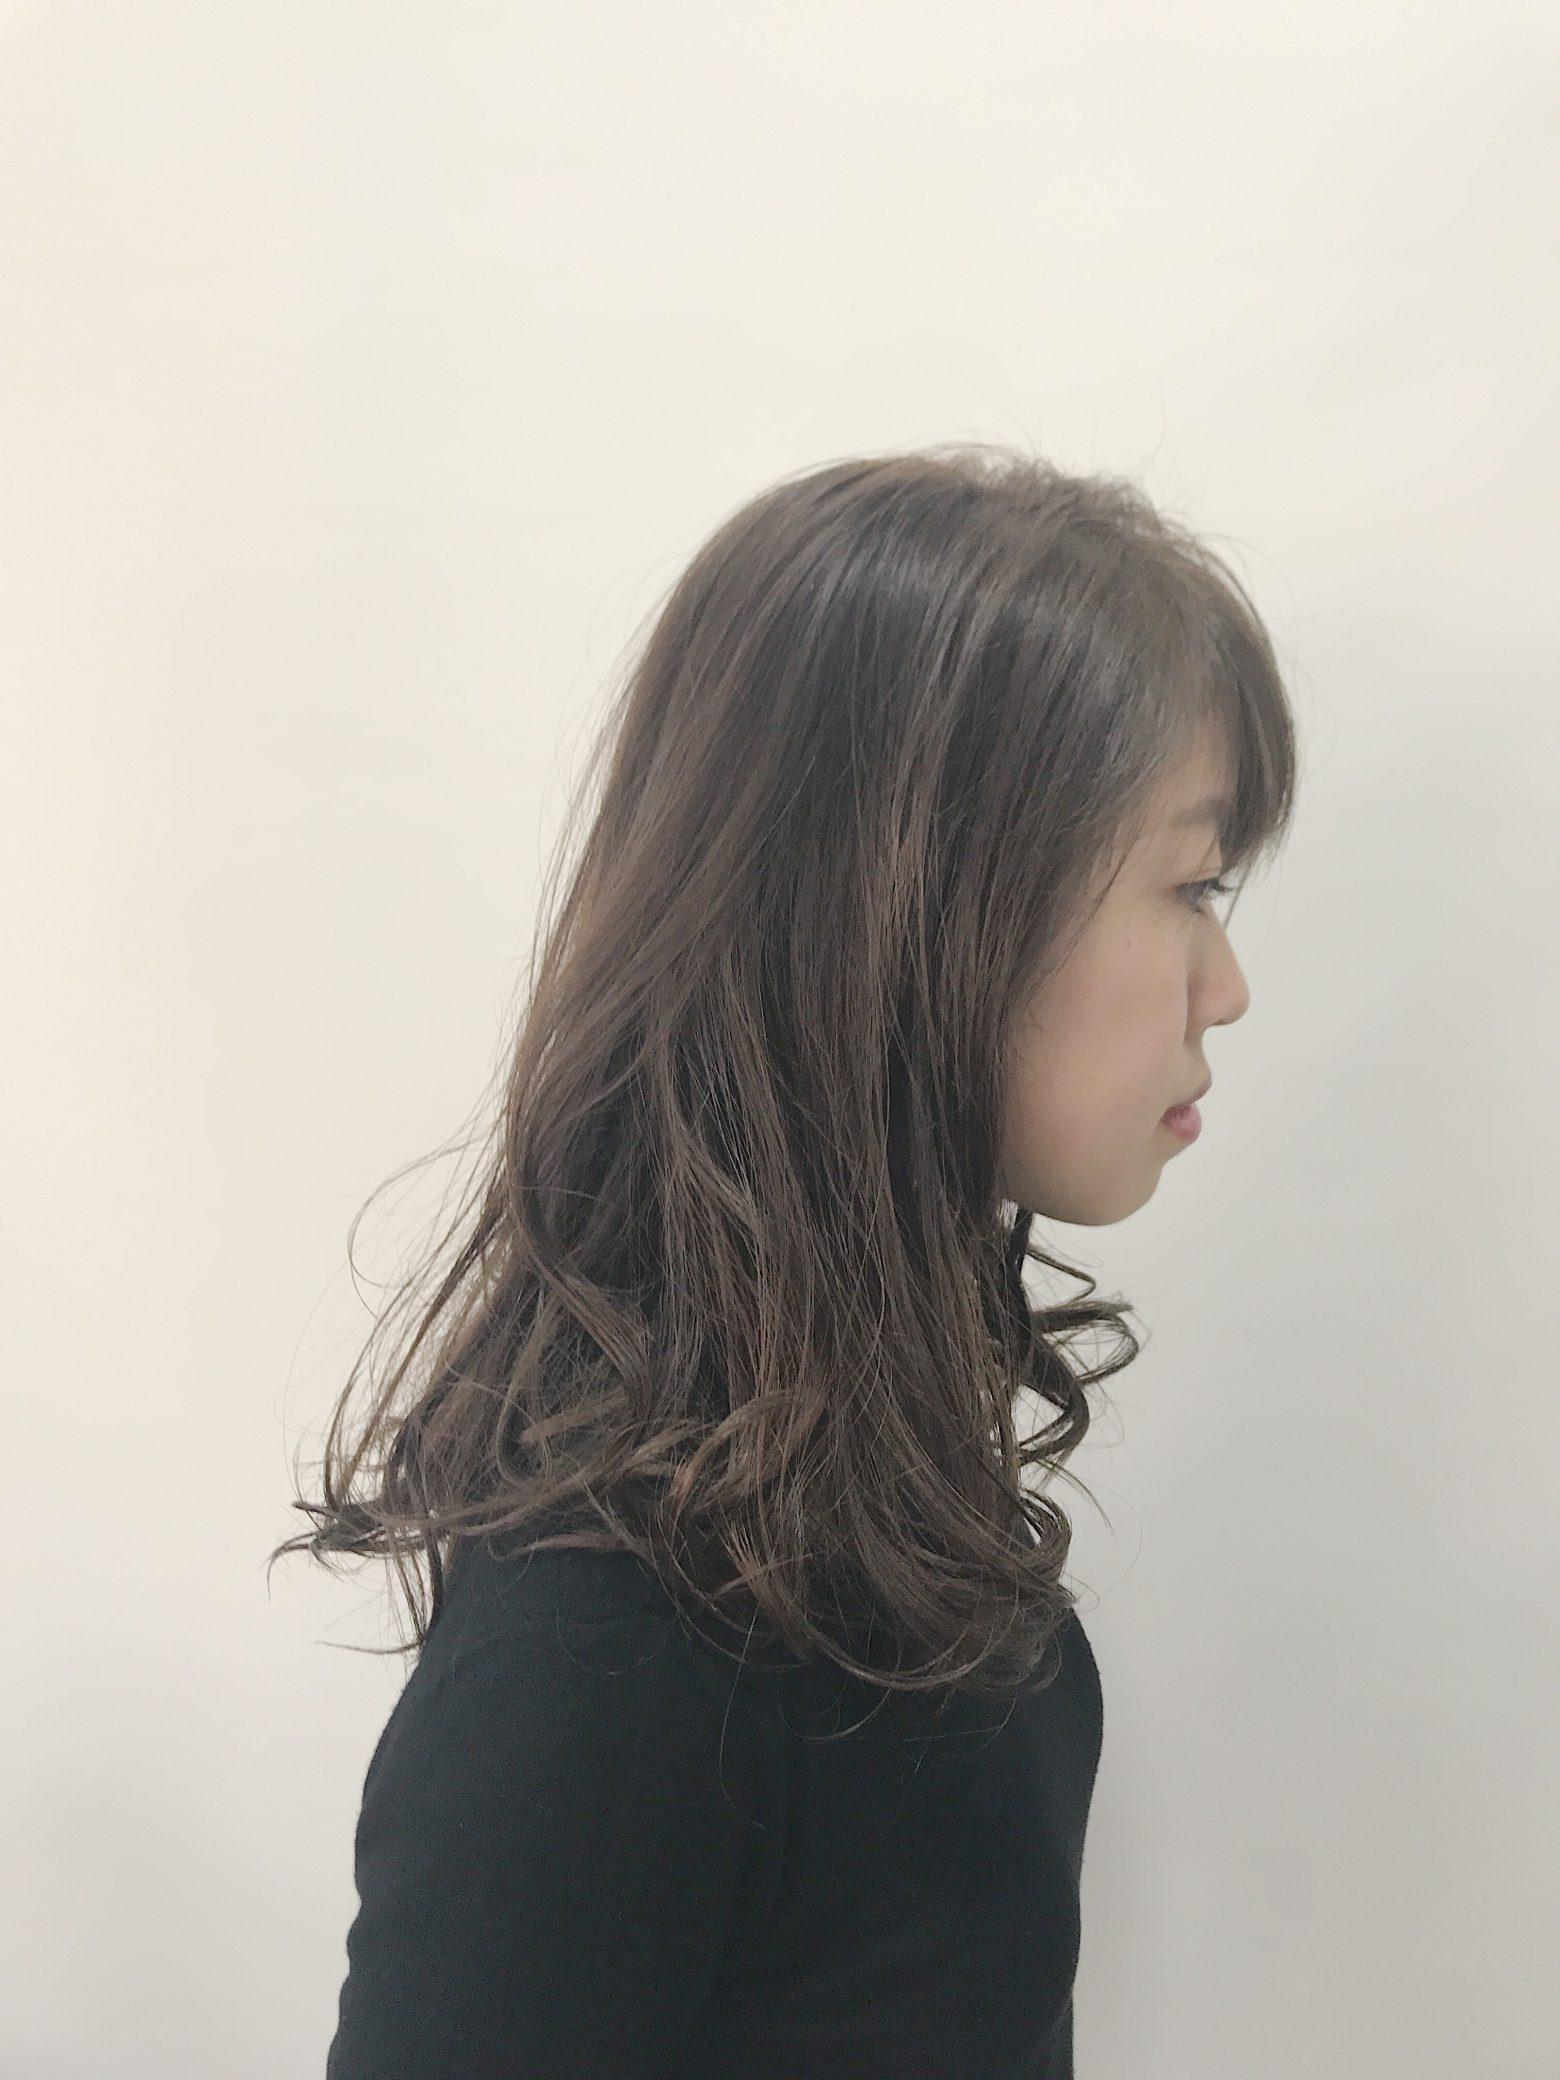 色⇨ヘアカラー、髪質⇨ヘアケアの2面からのツヤづくり!上質な雰囲気への質感メンテナンス!